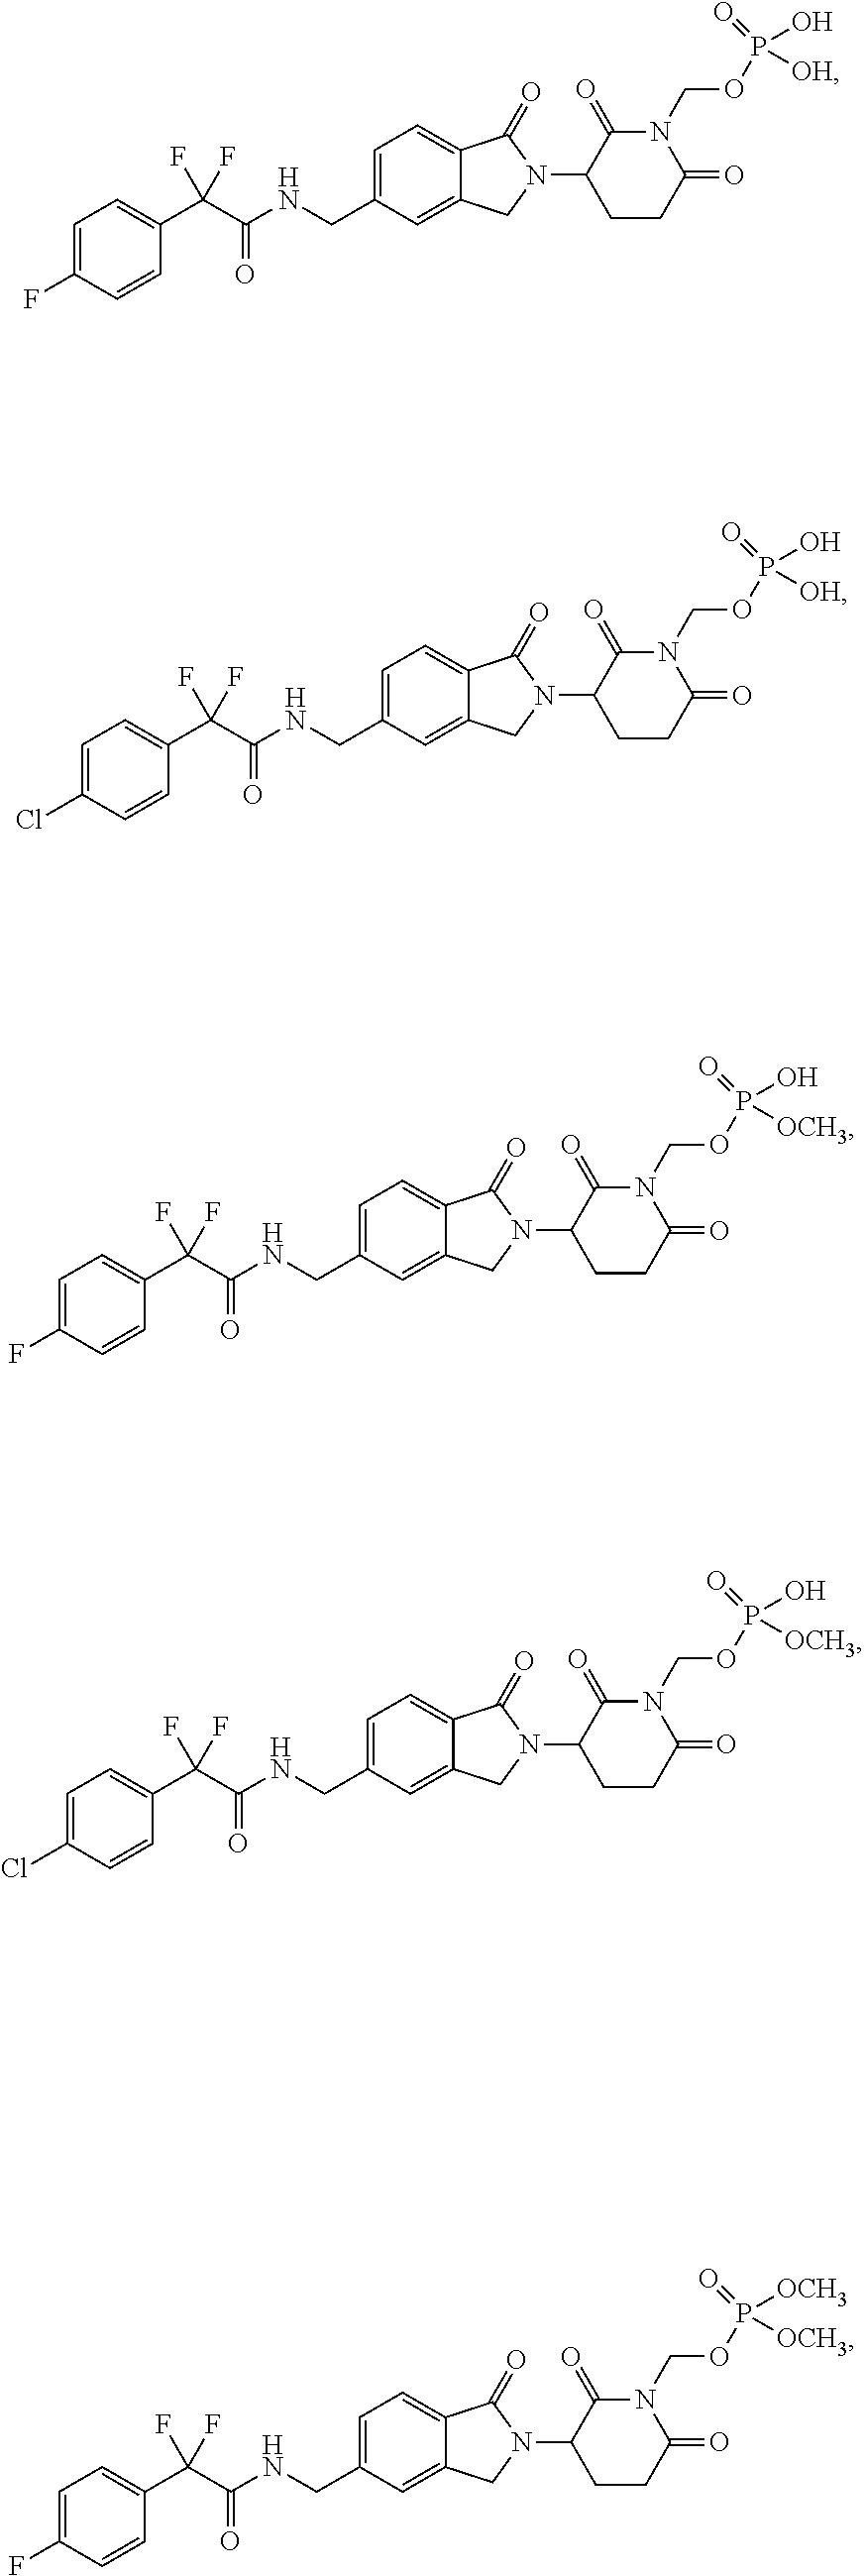 Figure US09938254-20180410-C00038